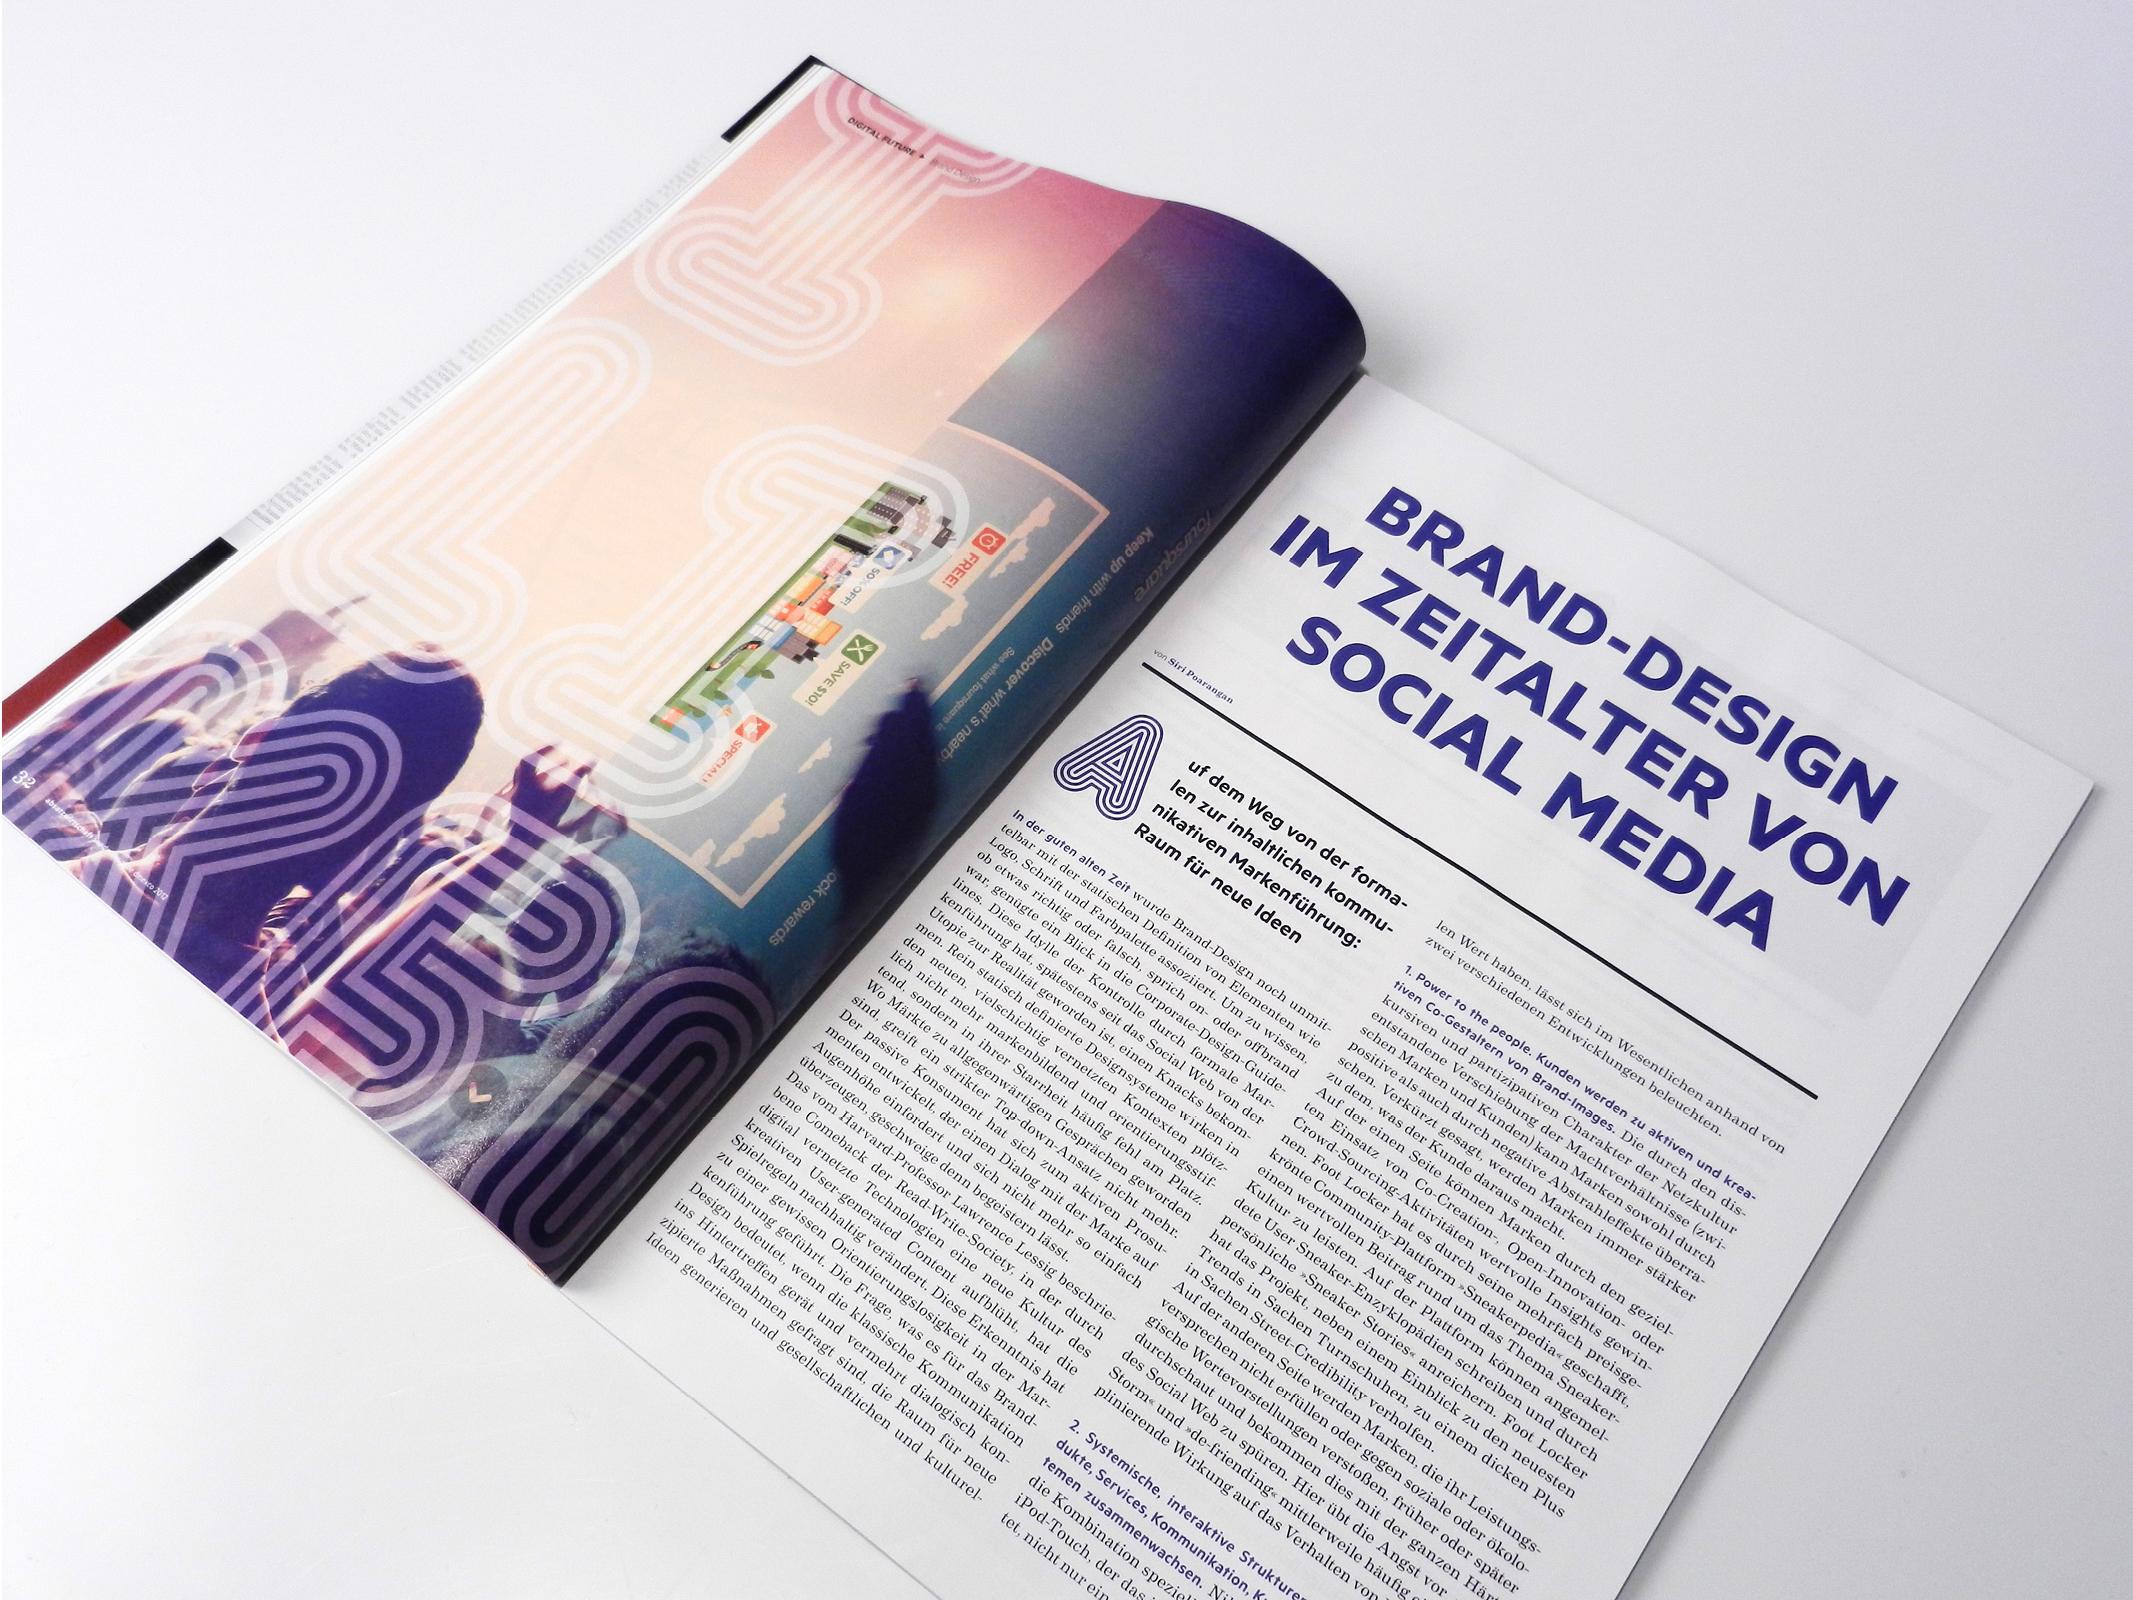 Absatzwirtschaft Dmexco Special – Poarangan Brand Design7